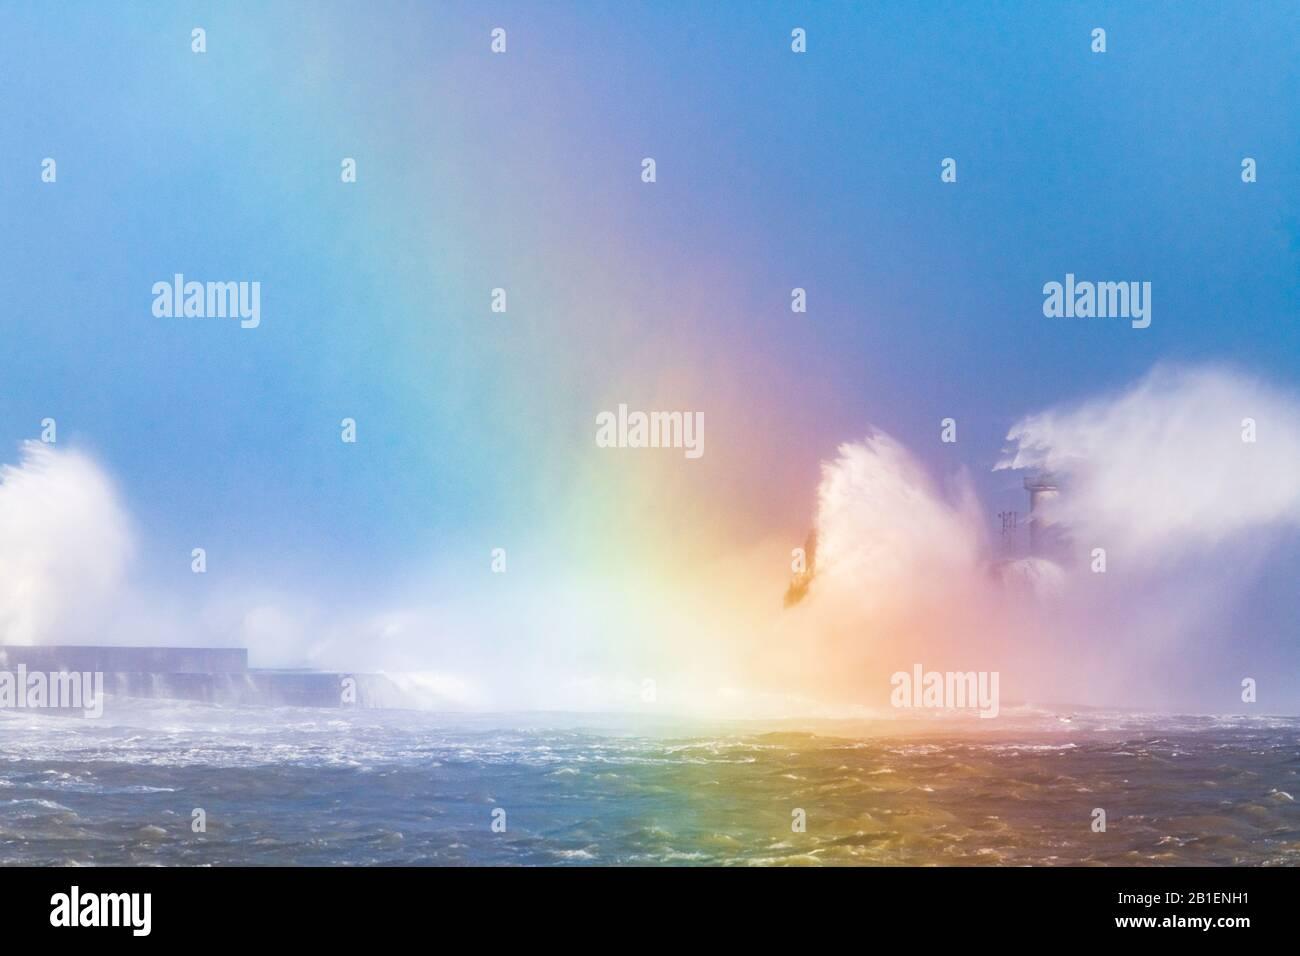 Vagues qui frappent le phare de la digue Carnot avec un arc-en-ciel créé par réflexion de lumière sur les vagues, pendant la tempête Ciara, Boulogne sur mer, Banque D'Images